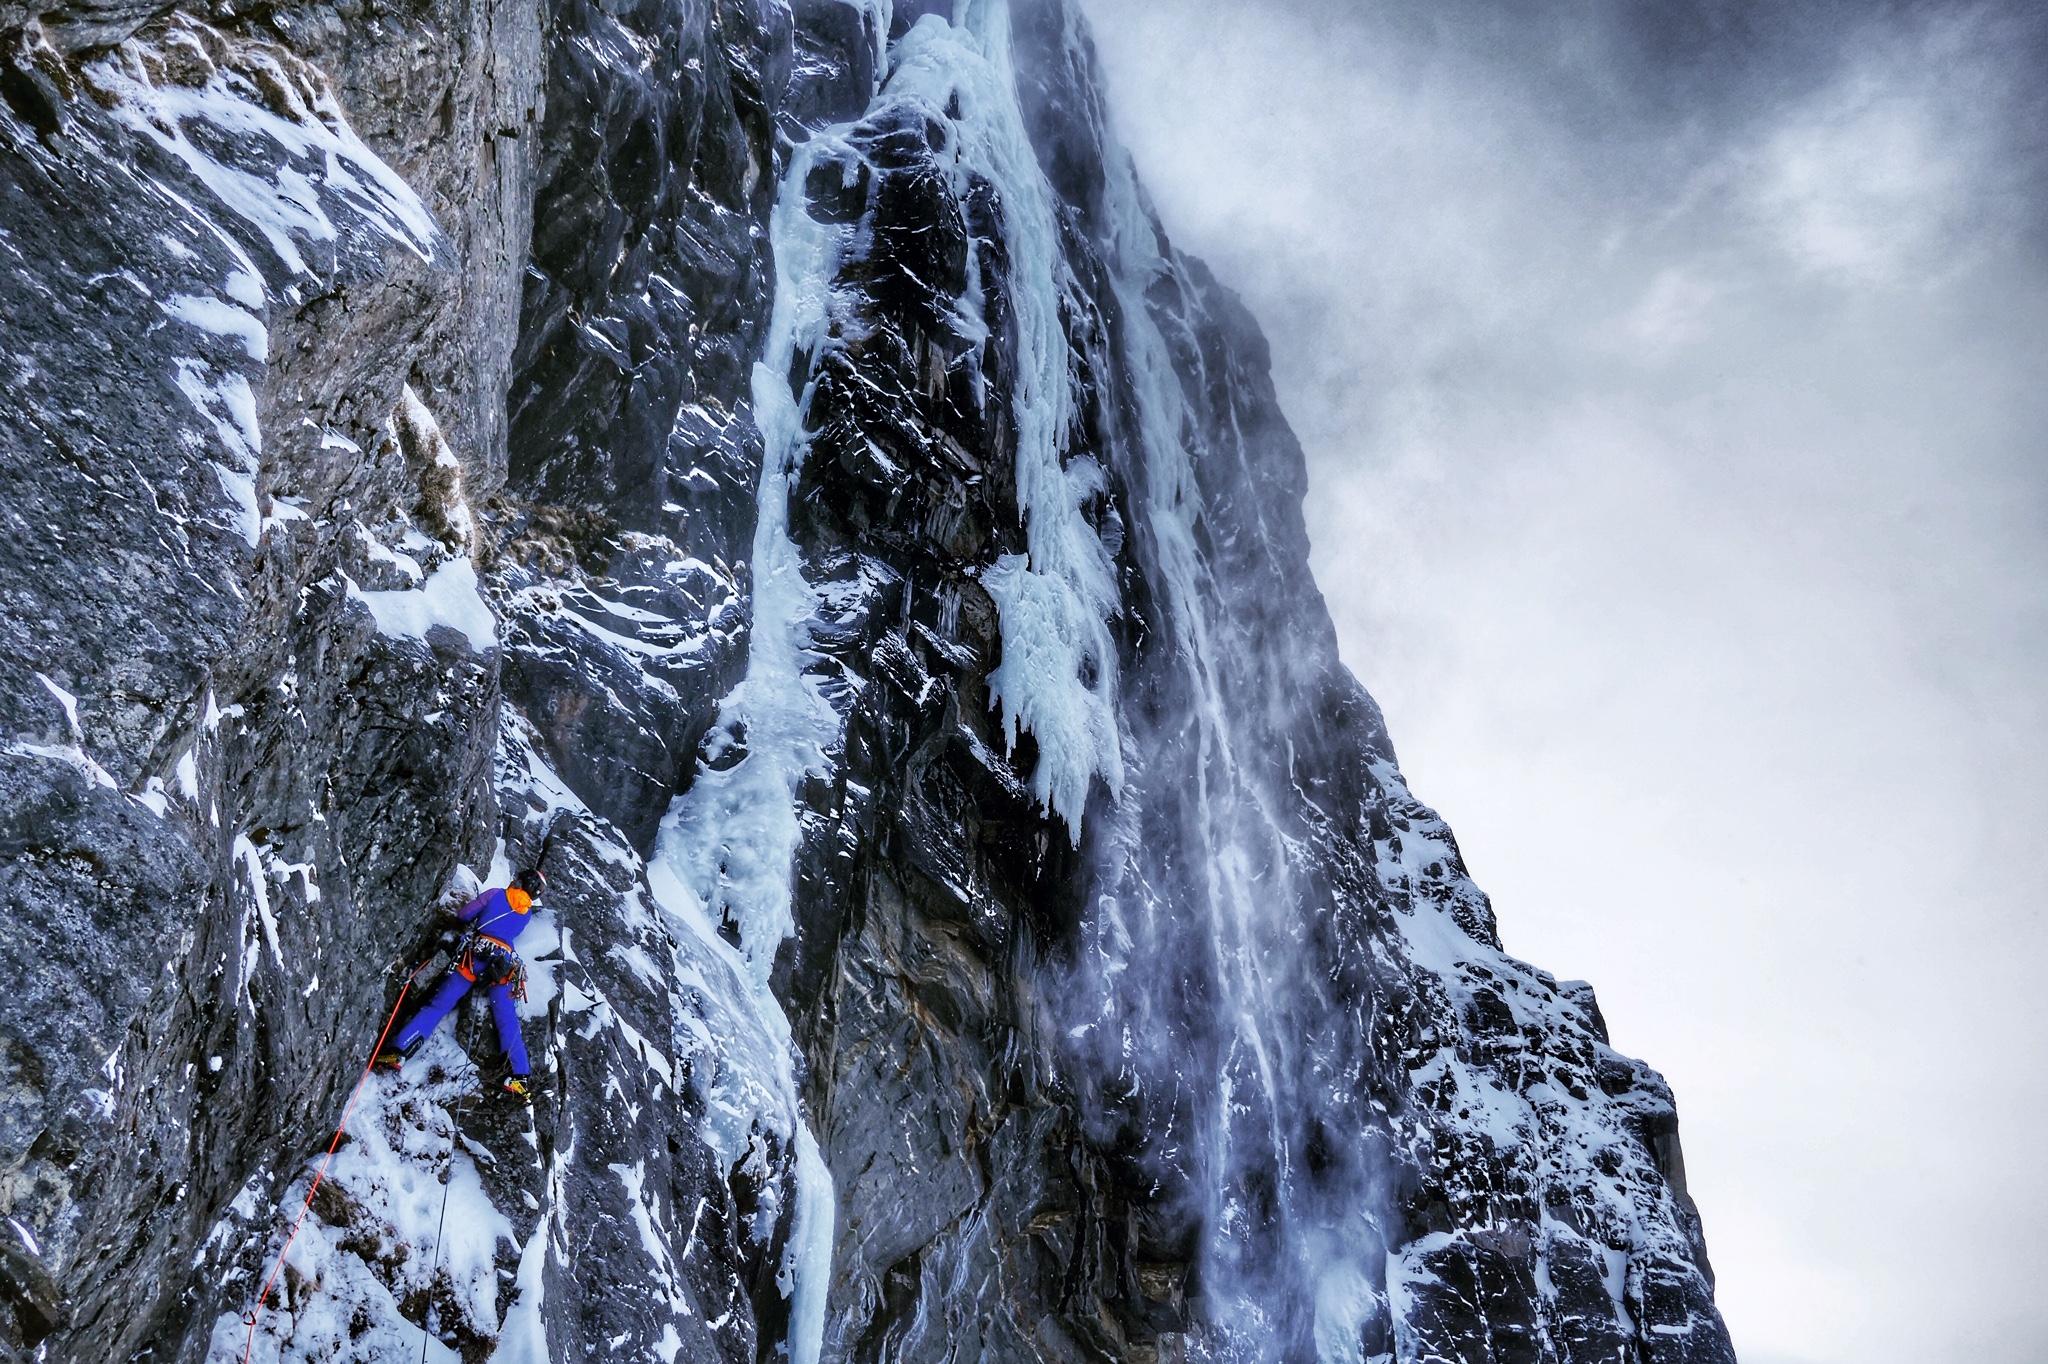 Heike Schmitt in action - Picture by Matthias Scherer